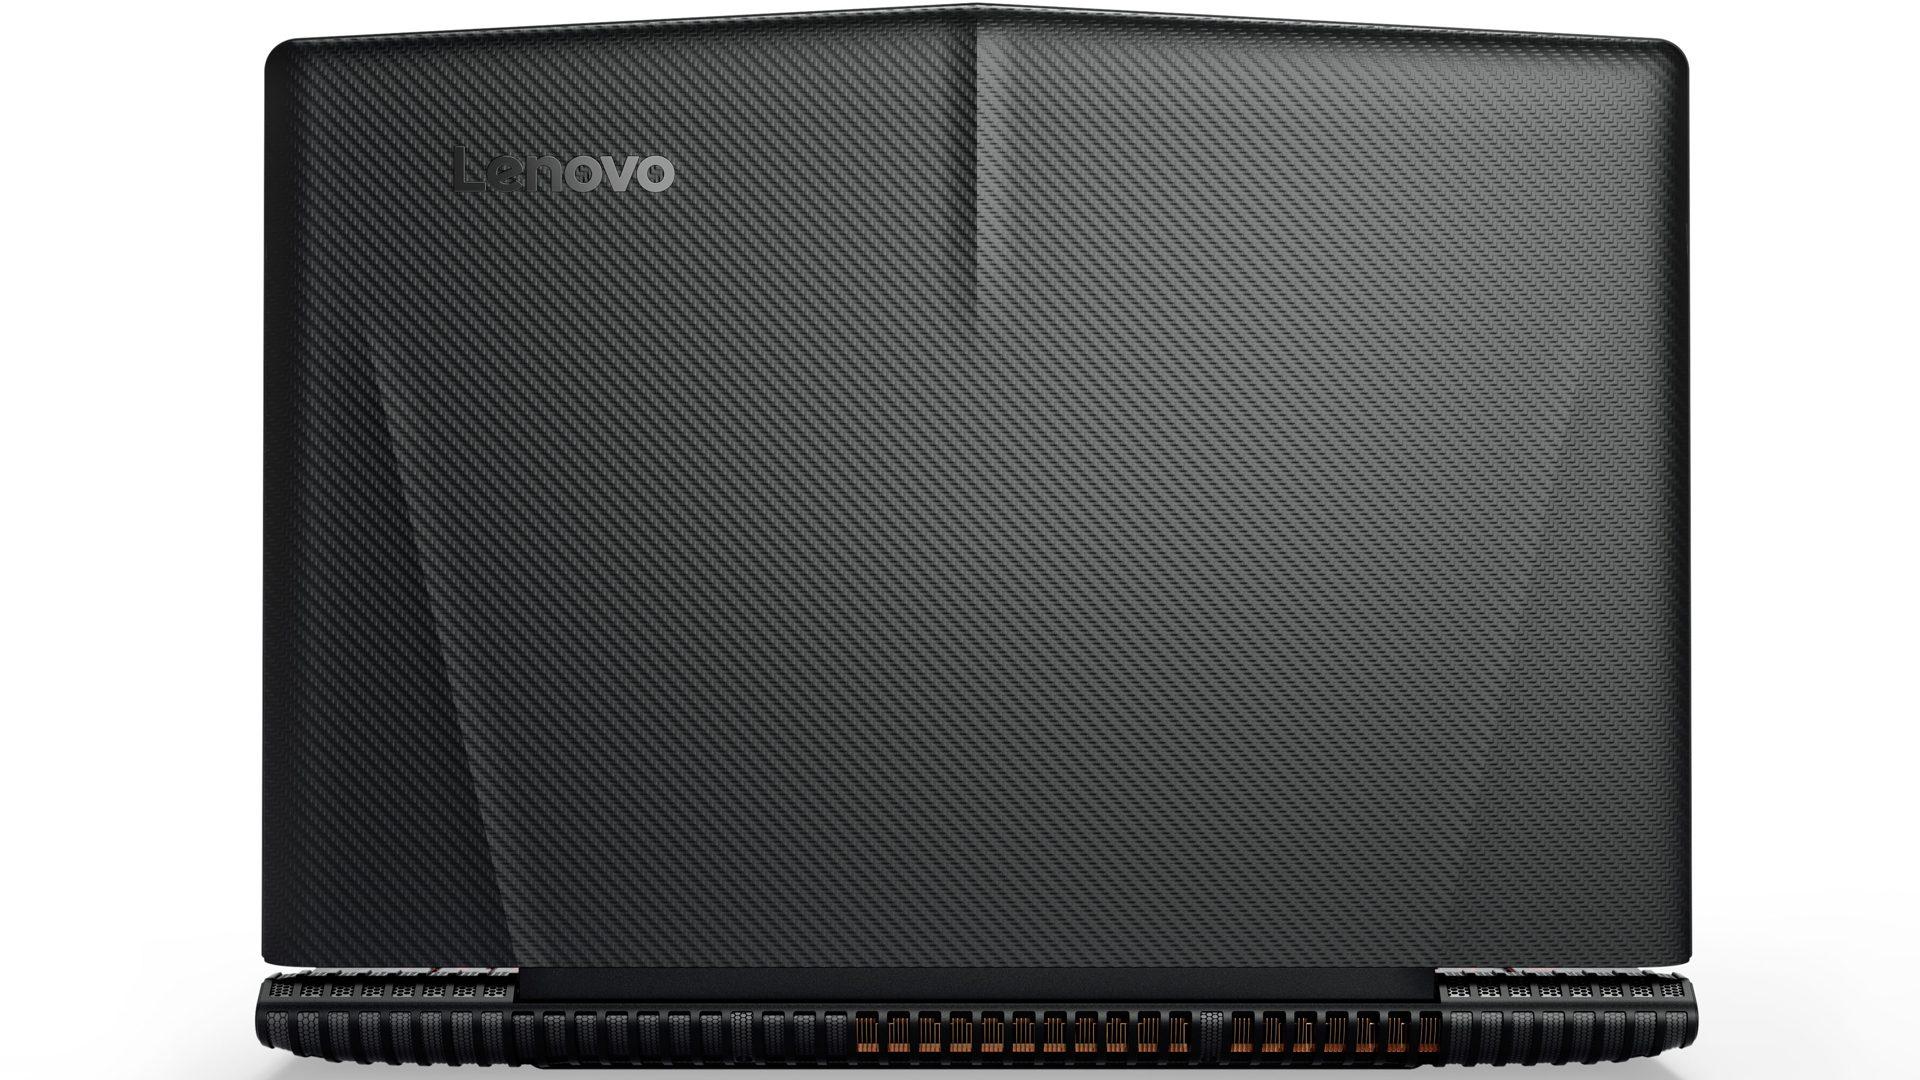 Lenovo y520-15ikba Ansichten_4